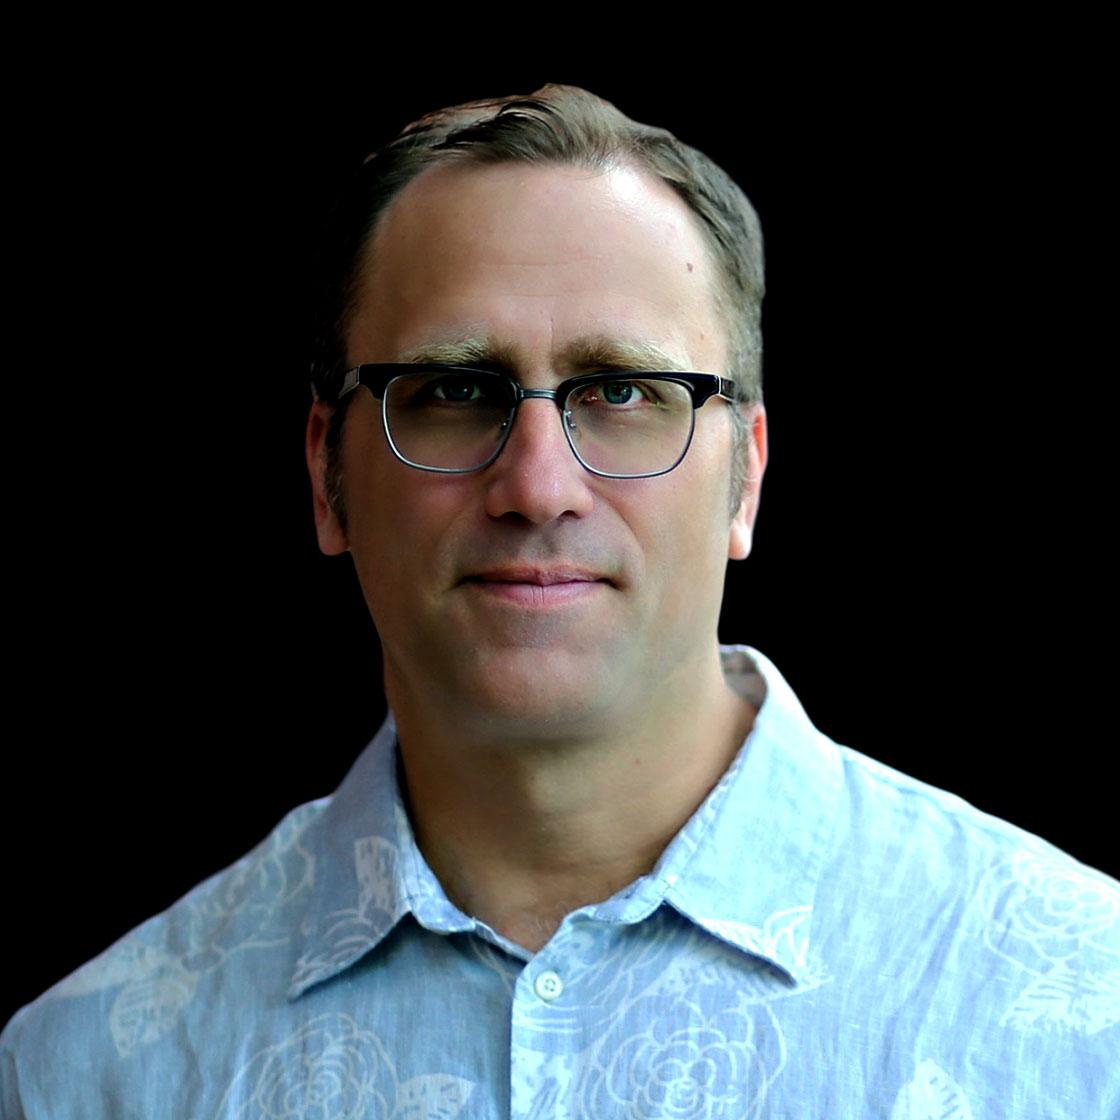 Mark Frein